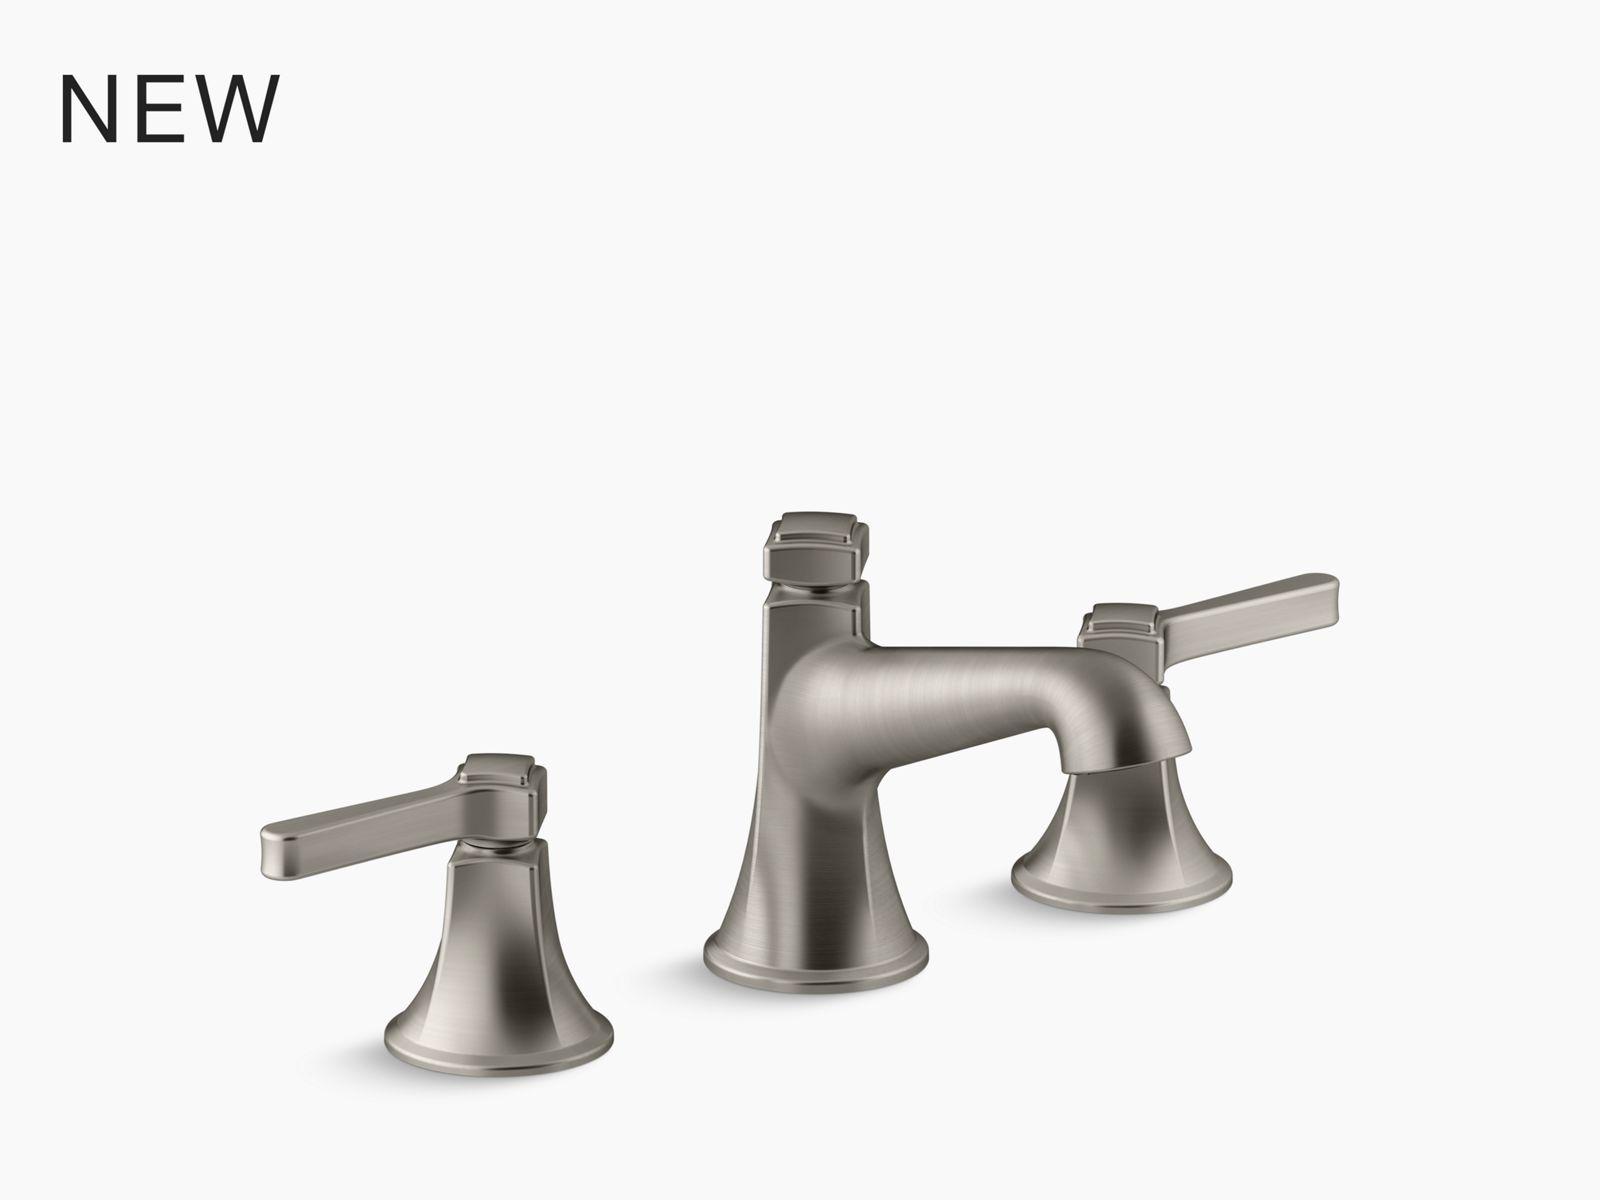 pull down kitchen faucet 562t b4 kohler